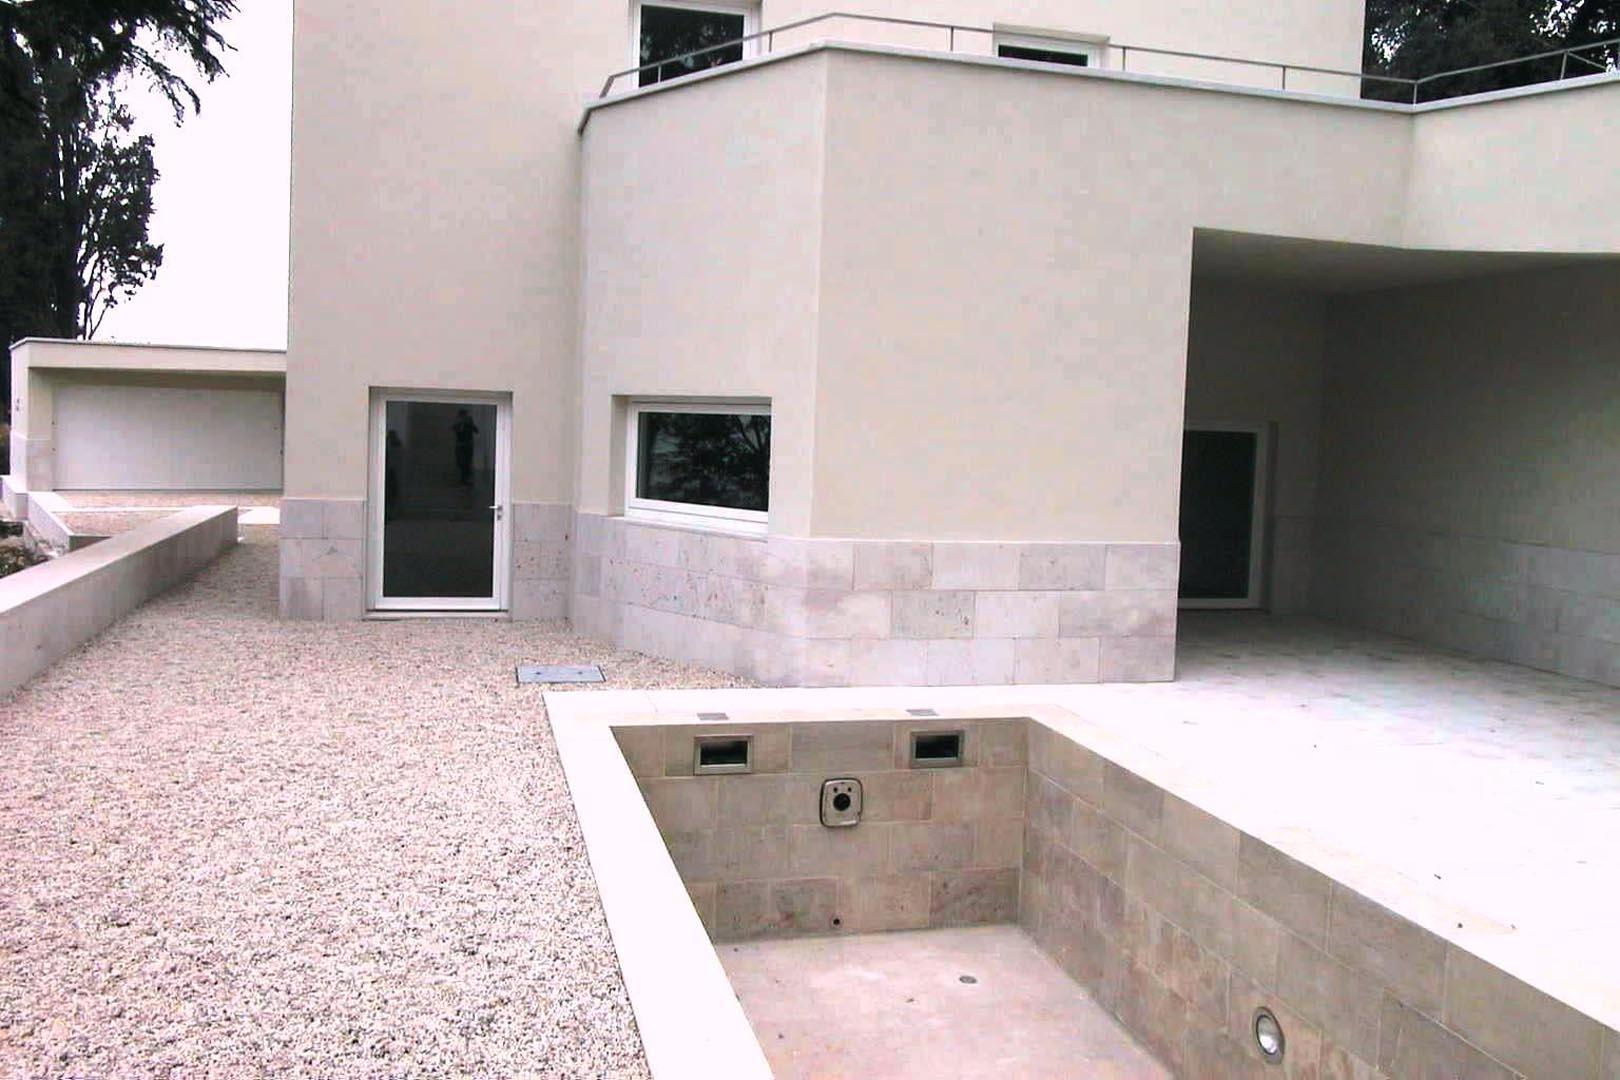 Marmo Grolla utilizzato per bordo piscina di ville residenziali italiane